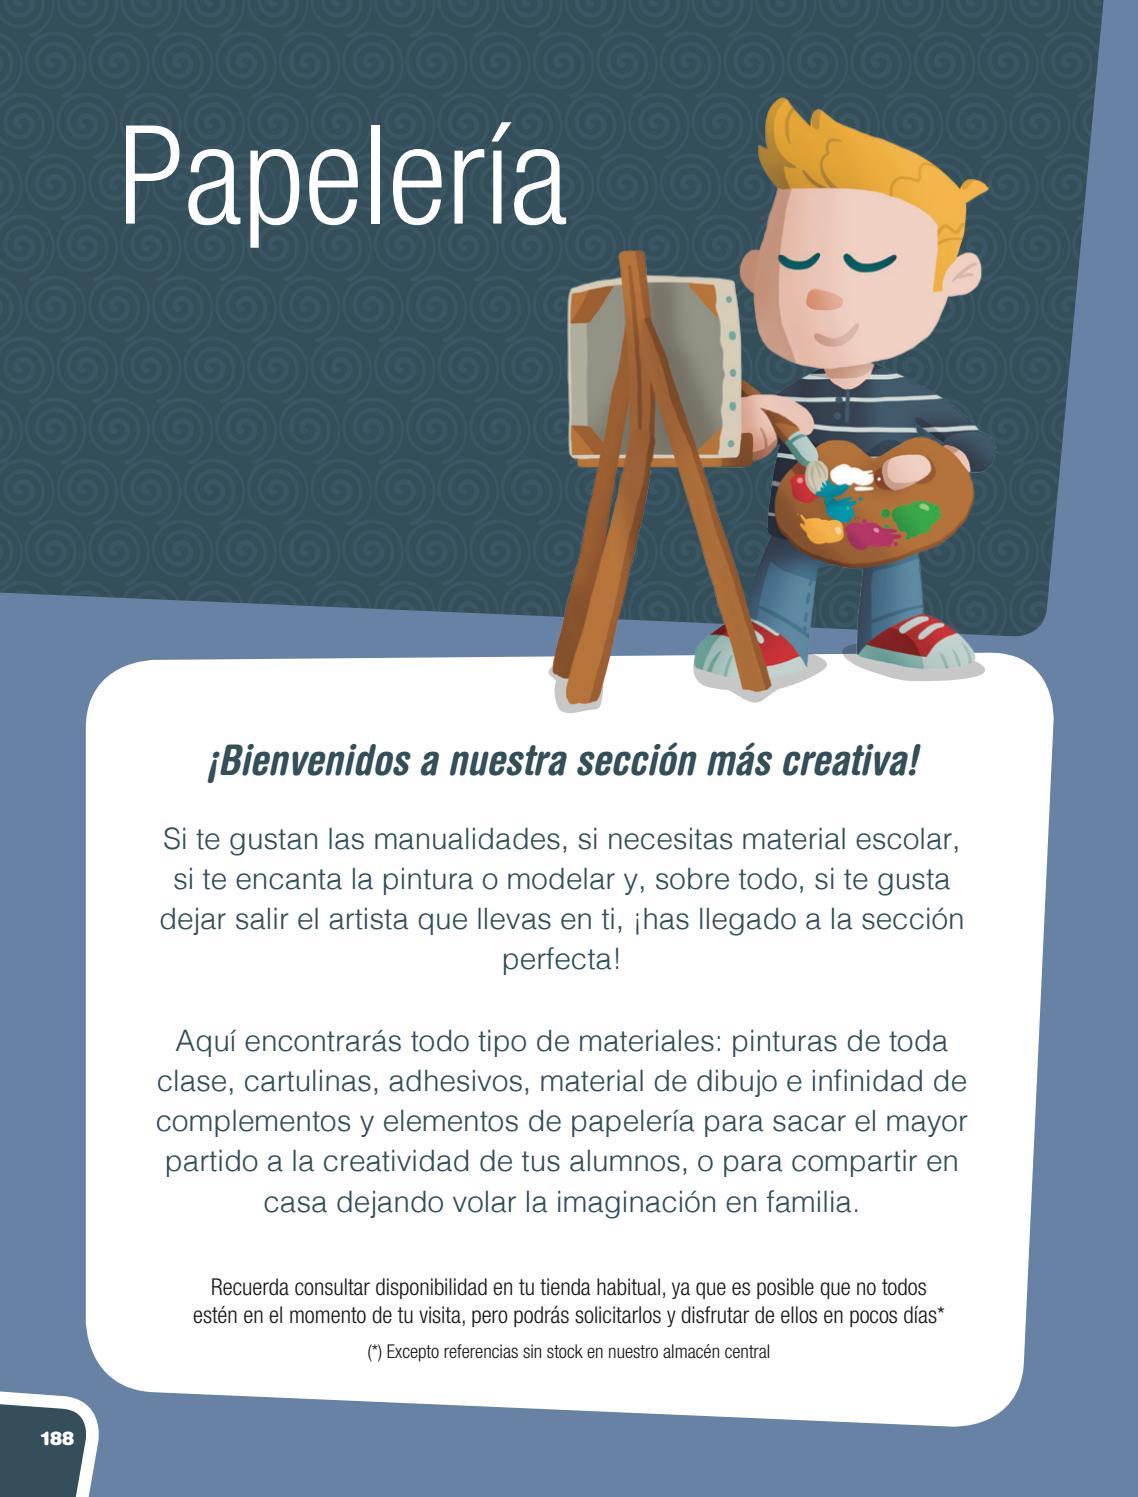 CATÁLOGO FERAN 2018-19 (Papelería y Libros) by Didacticas Vitoria - issuu c72912d3ba6f